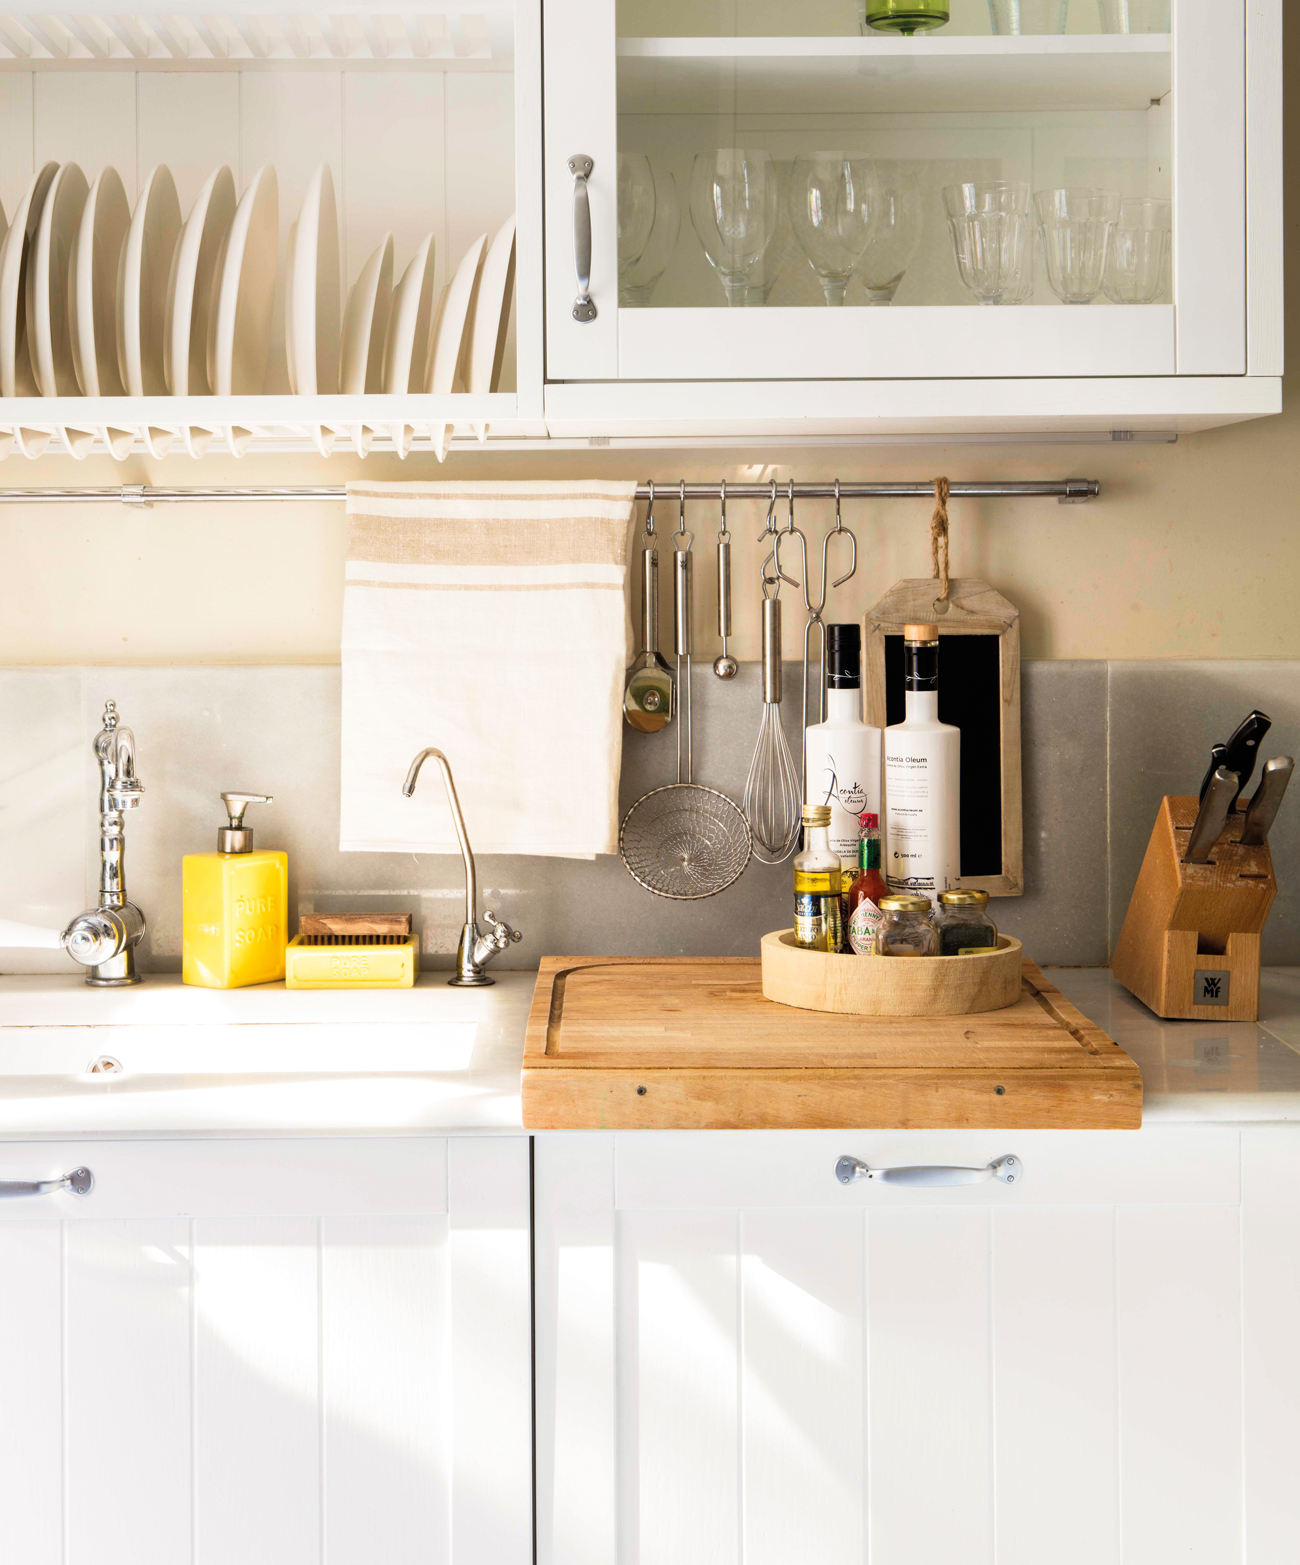 Detalles para renovar tu cocina - Trapos de cocina ...